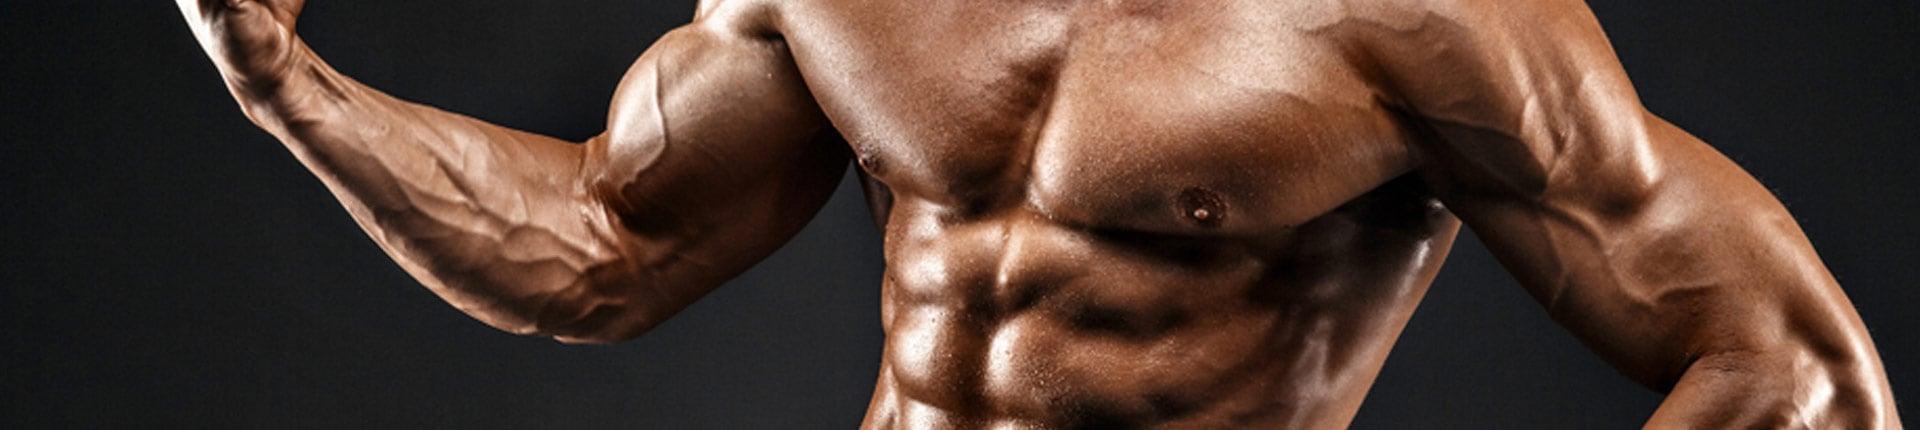 5 zasad budujących atletyczne, silne i sprawne ciało